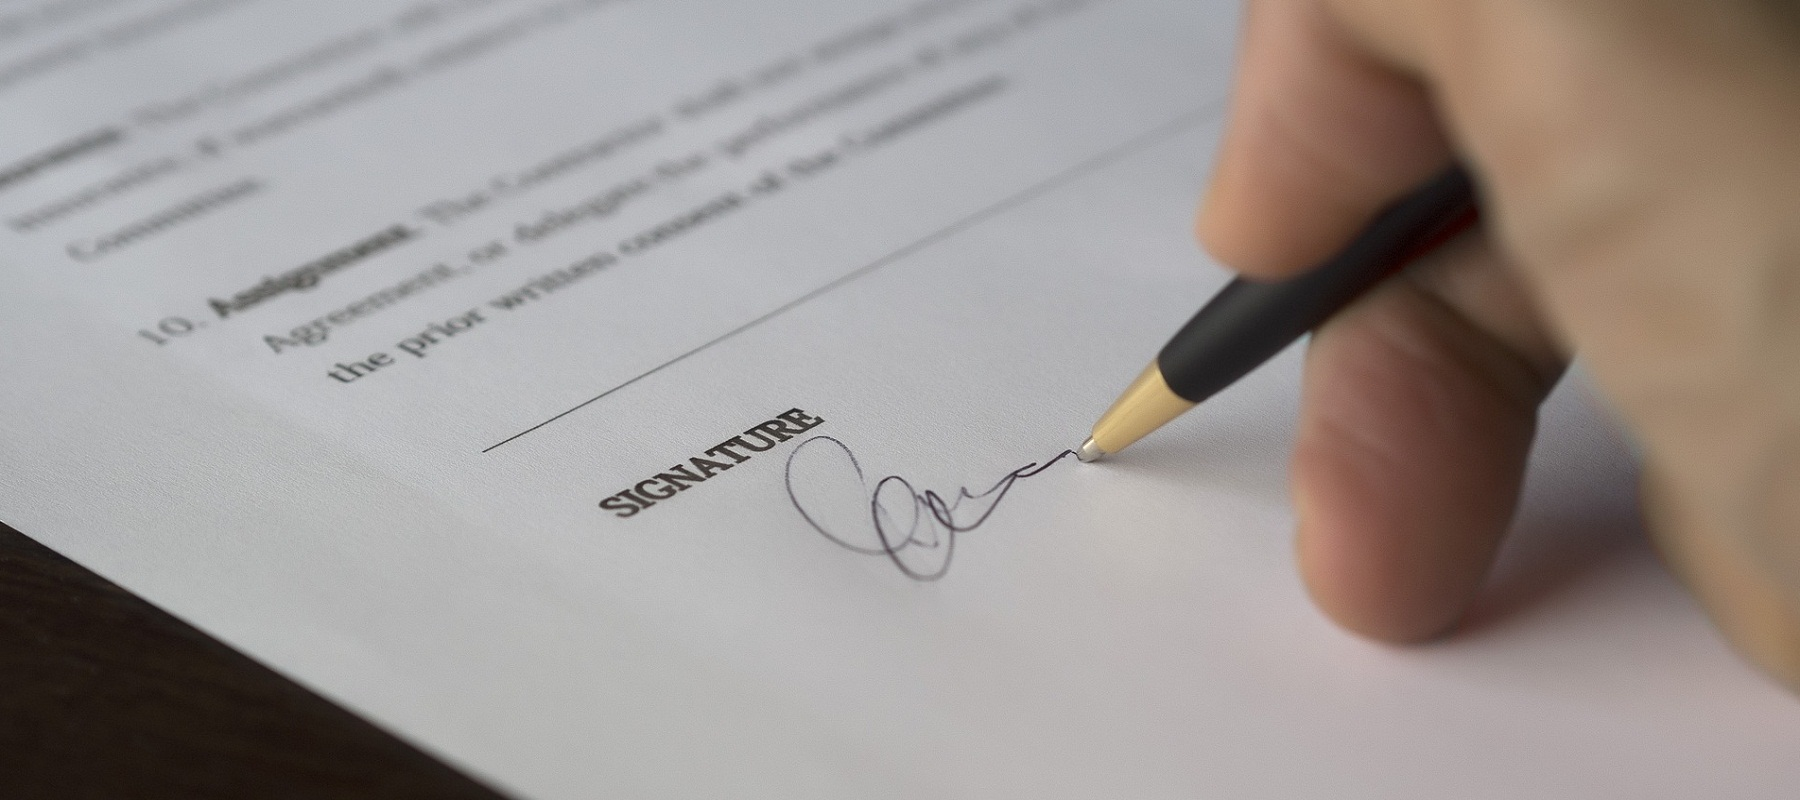 des contrats d'assistance personnalisés adaptée à vos besoins imec inter